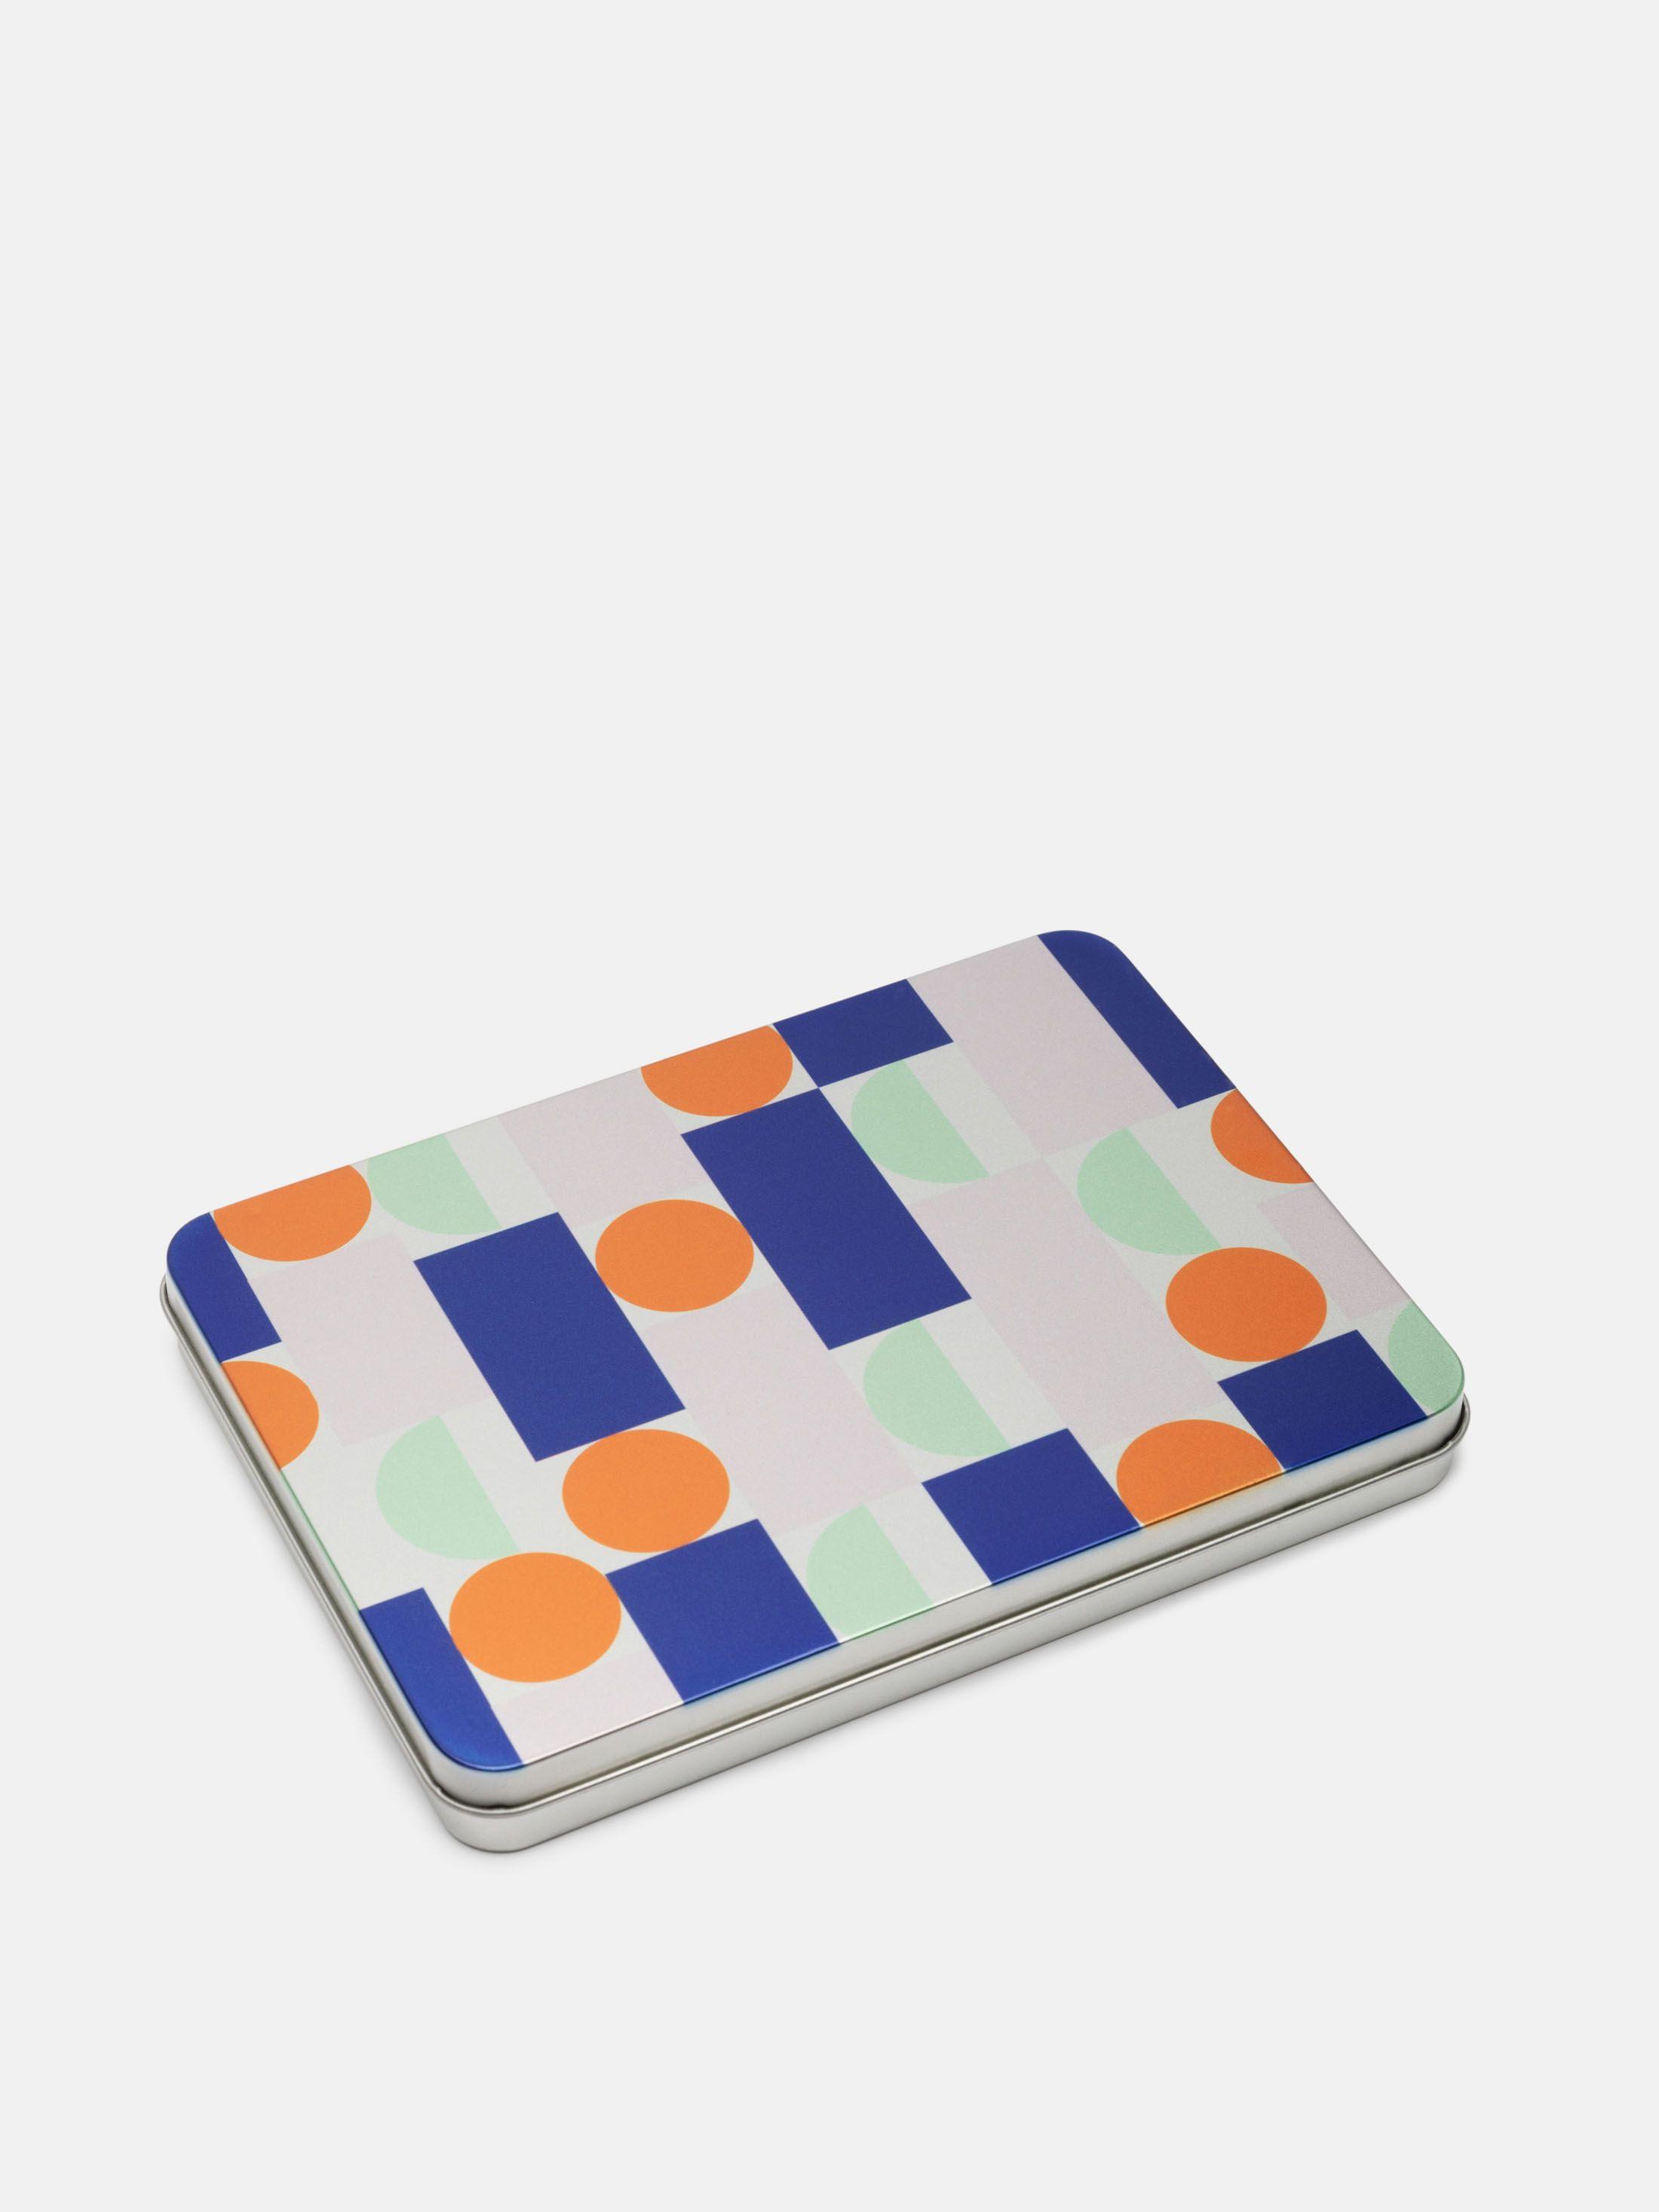 Boîte en métal plate personnalisée avec design